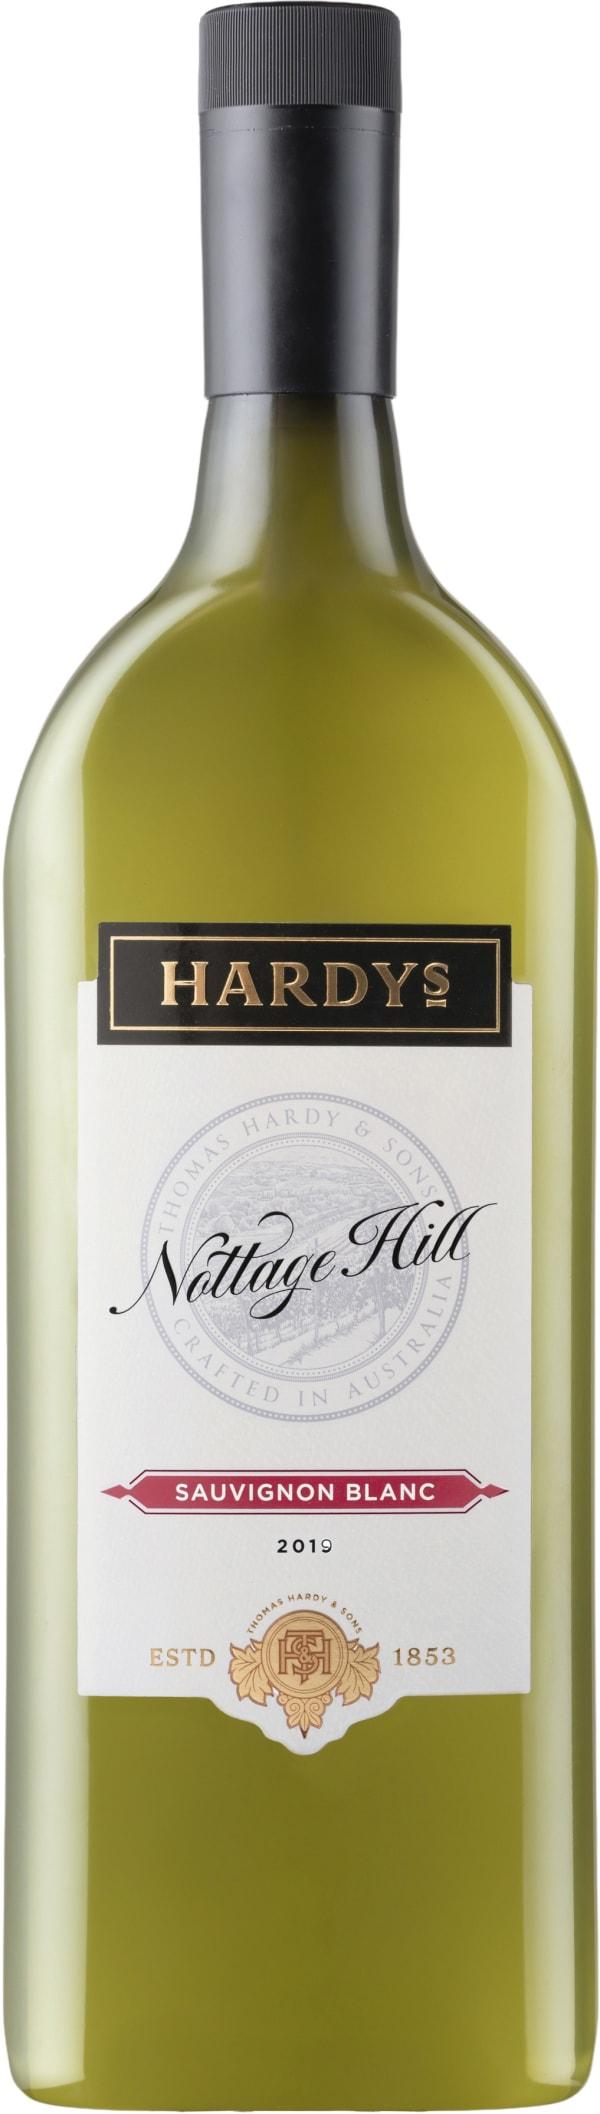 Hardys Nottage Hill Sauvignon Blanc 2019 plastflaska